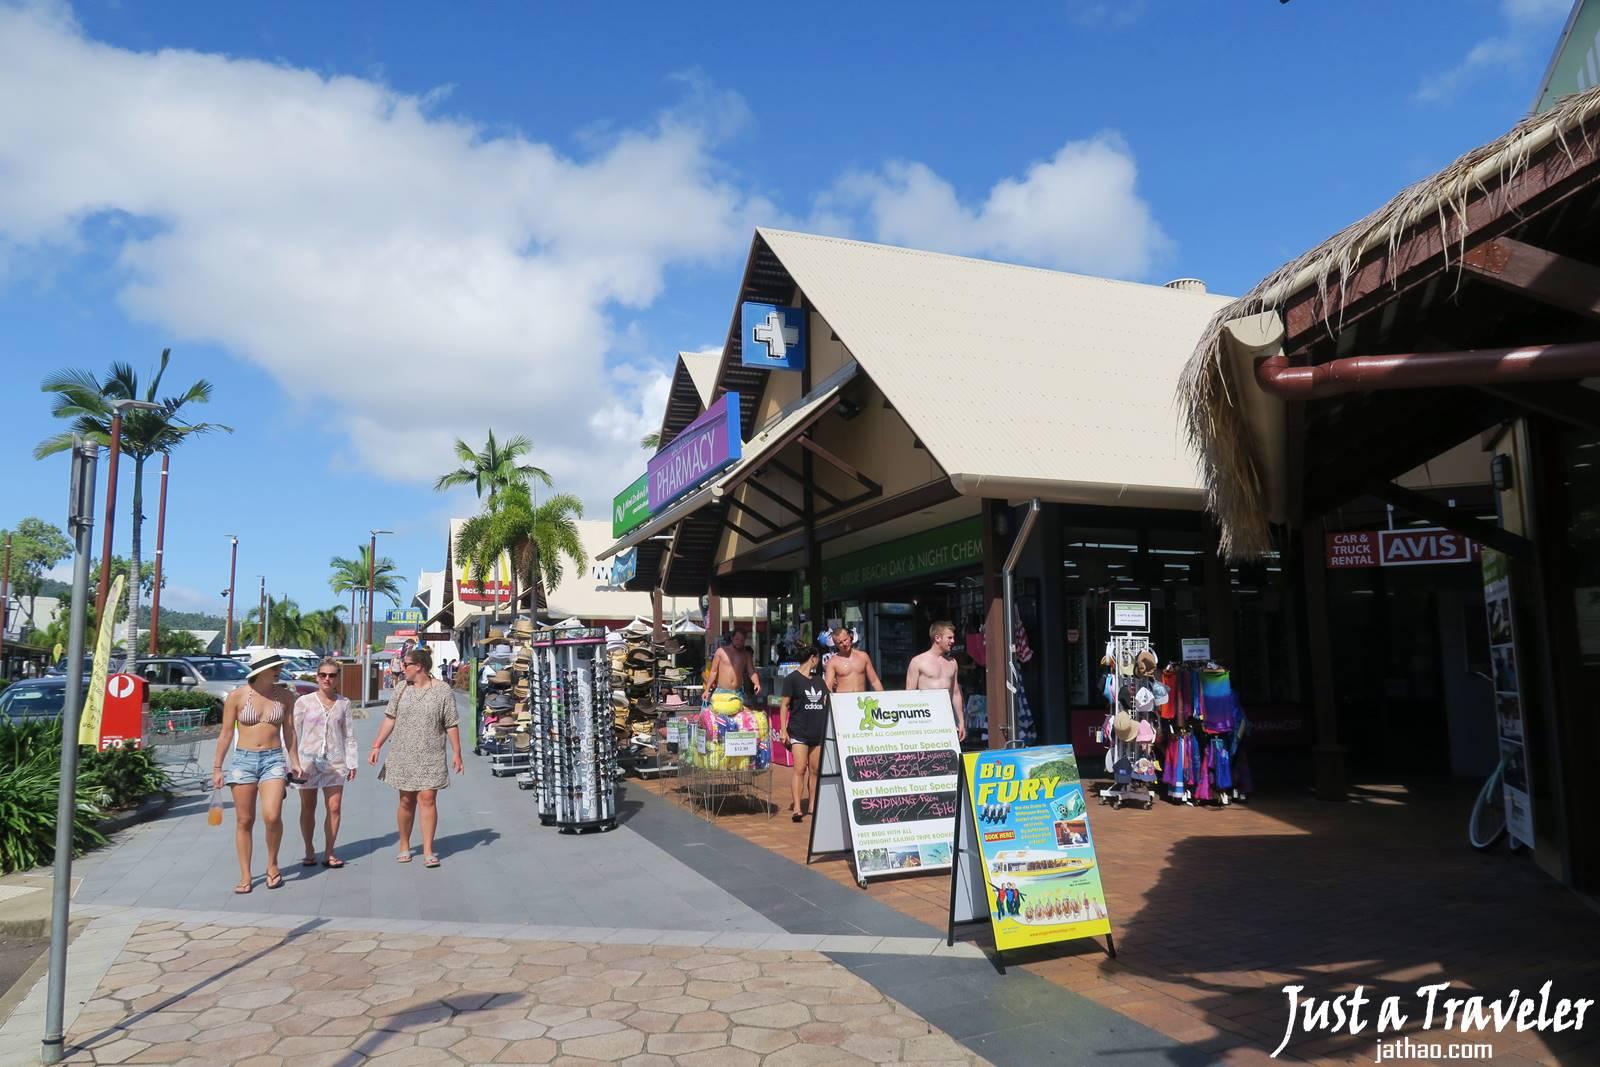 聖靈群島-景點-推薦-艾爾利海灘-Airlie-Beach-必玩-必去-必遊-好玩-自由行-自助-行程-遊記-旅遊-澳洲-Whitsundays-Travel-Attraction-Australia